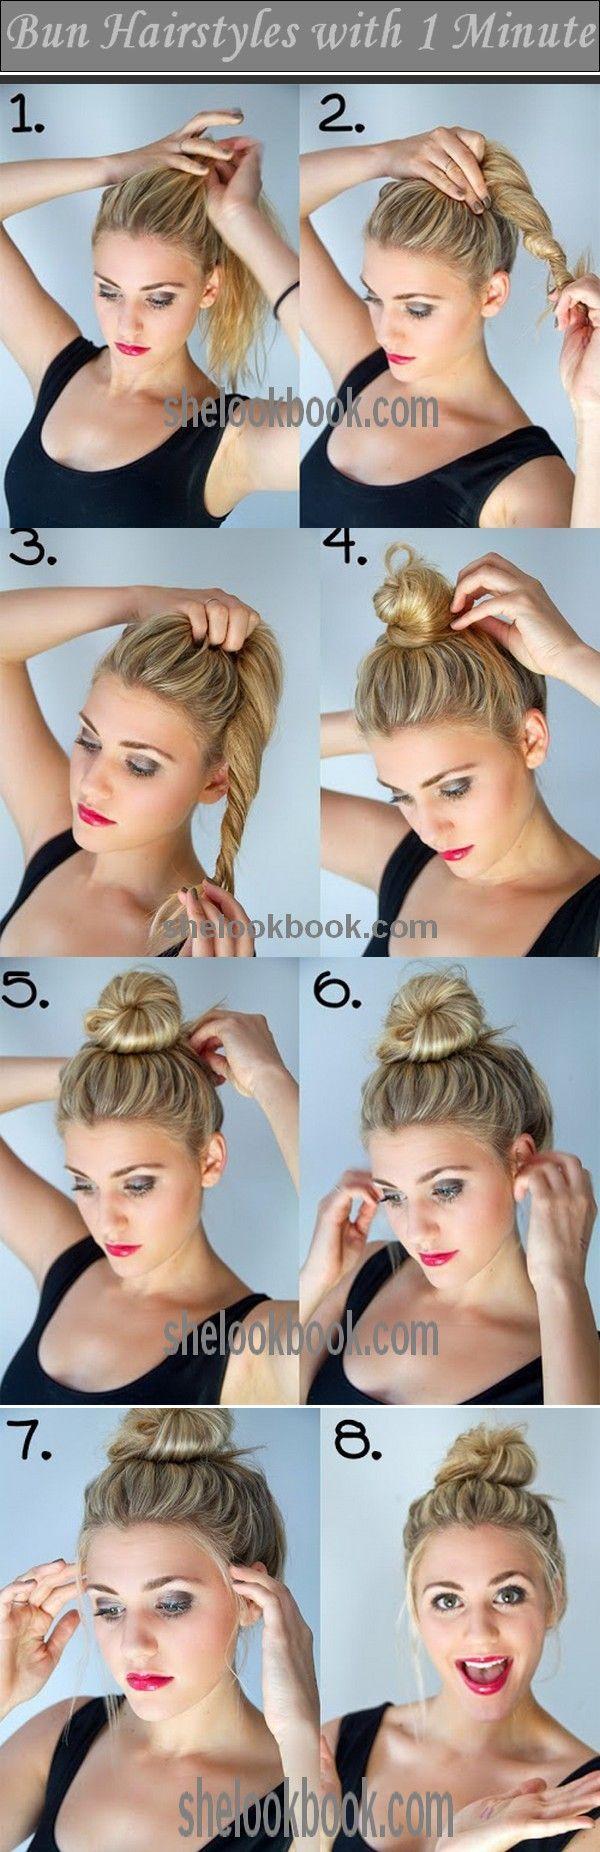 stylish buns for your long hair stylish twist bun and bun